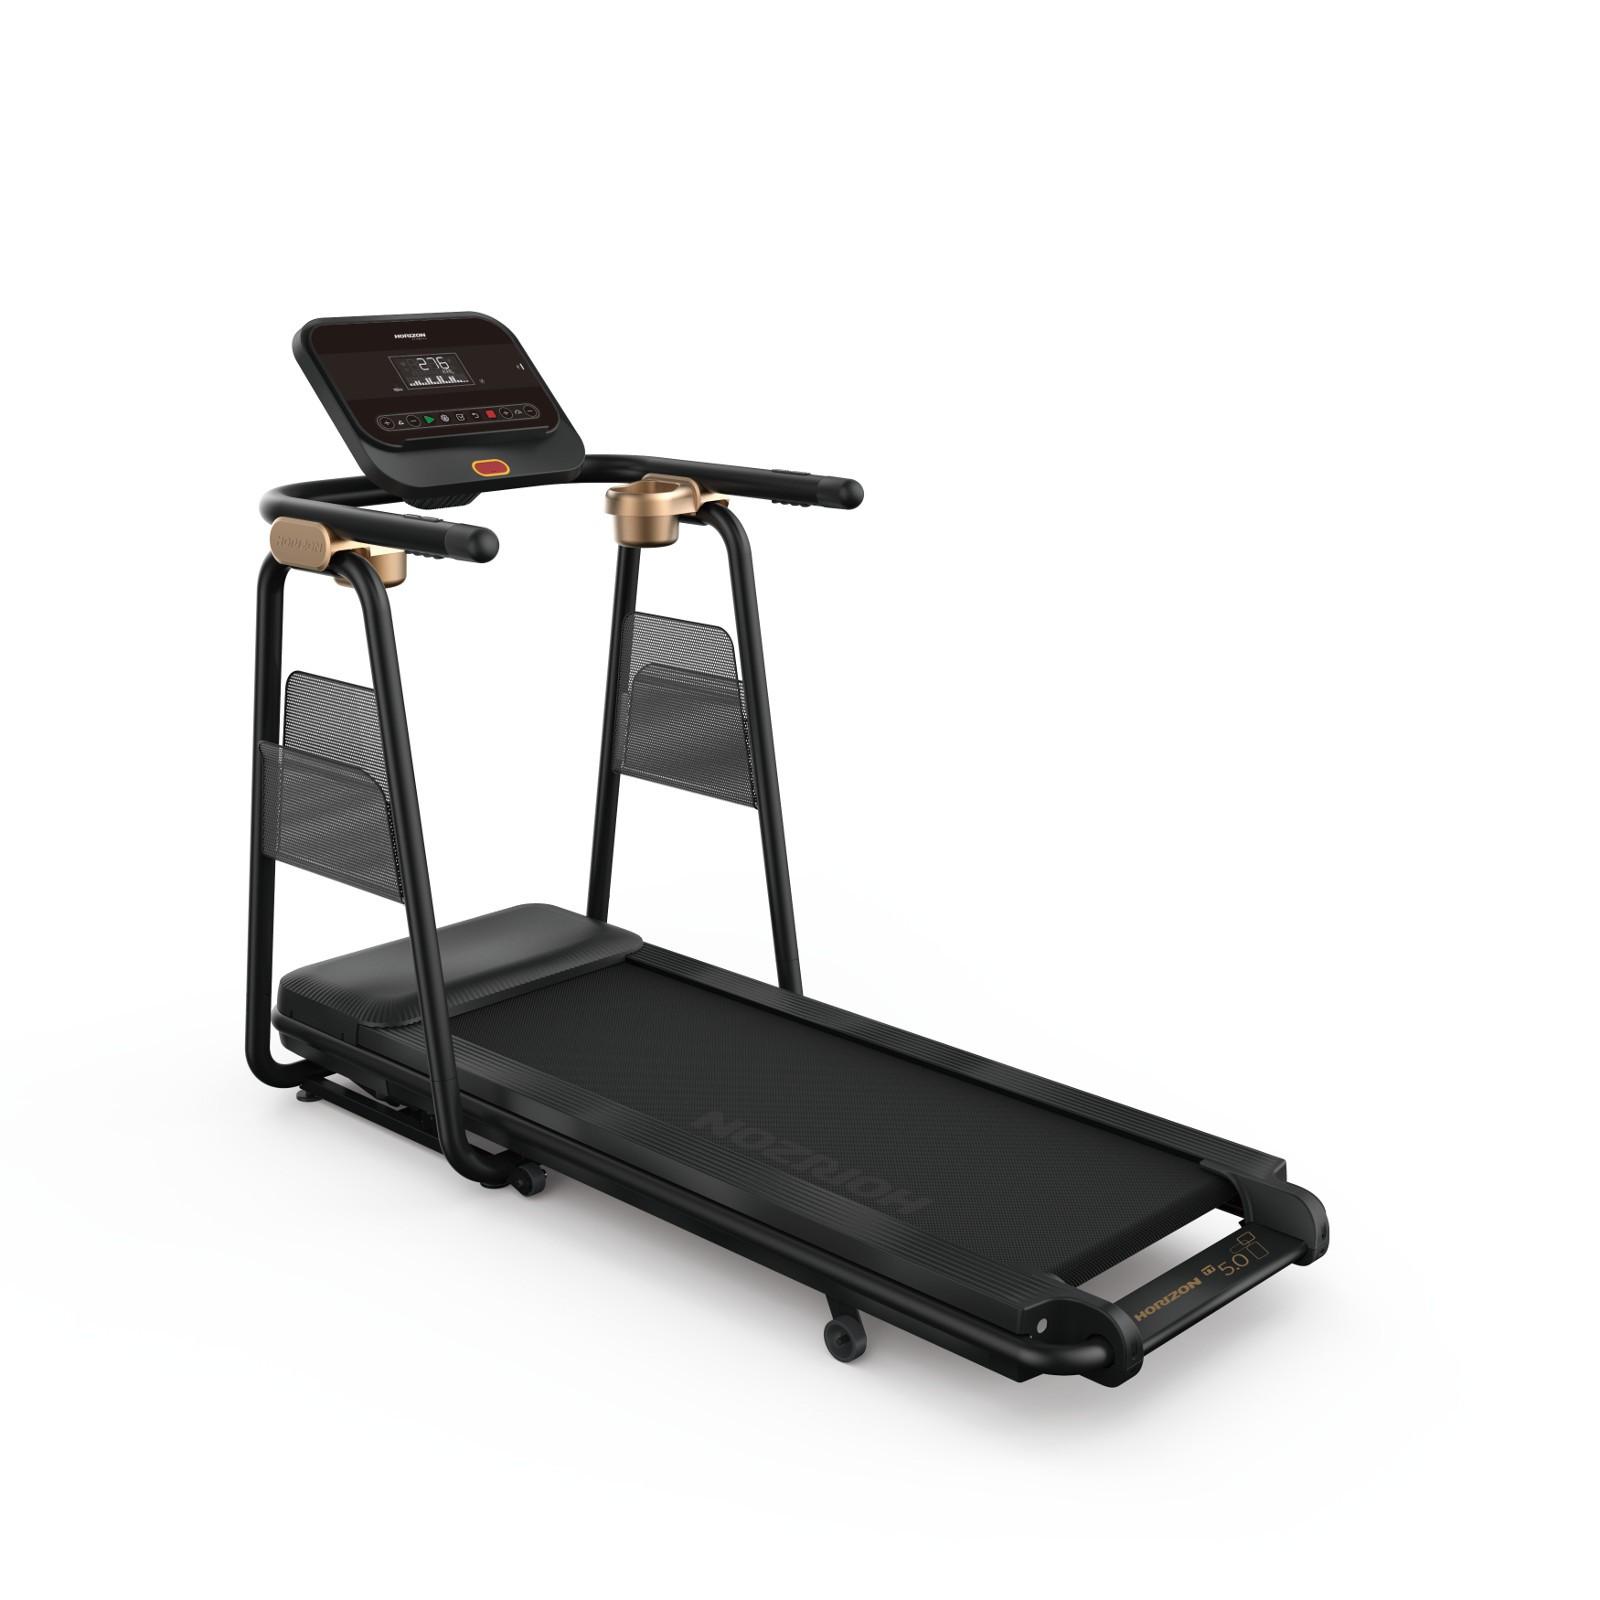 Gym Equipment Japan: Horizon Treadmill Citta TT5.0